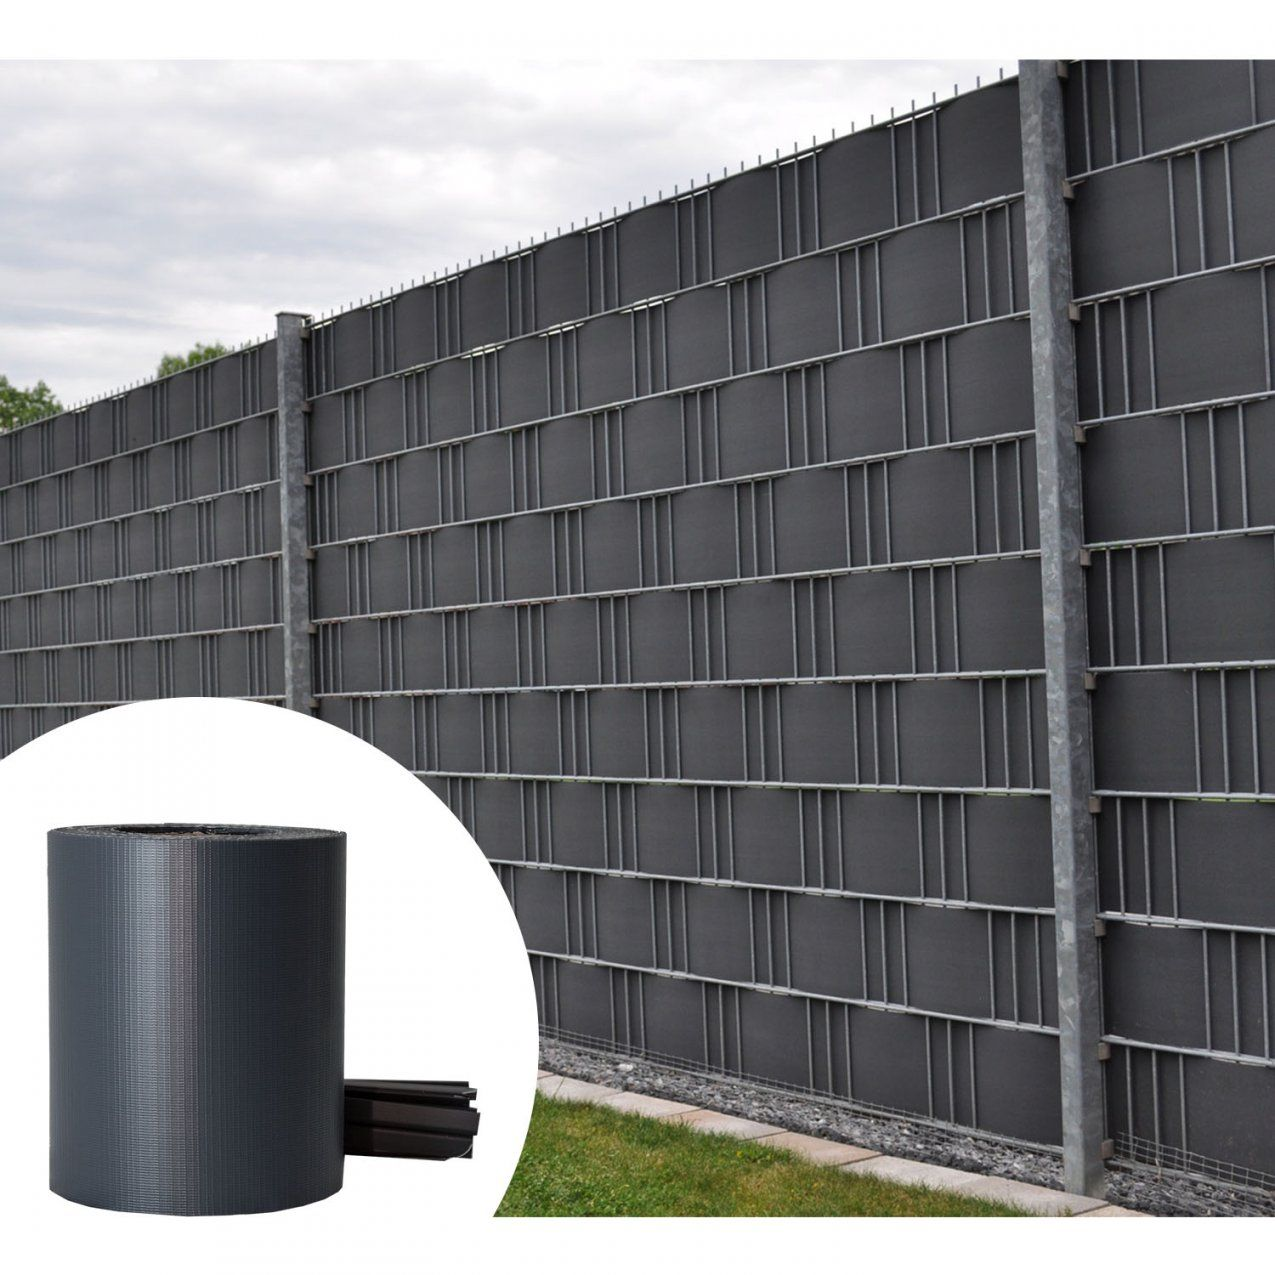 Pvc Sichtschutzstreifen Zaunfolie Sichtschutz Doppelstabmatten Grau von Pvc Sichtschutz Für Doppelstabmatten Bild